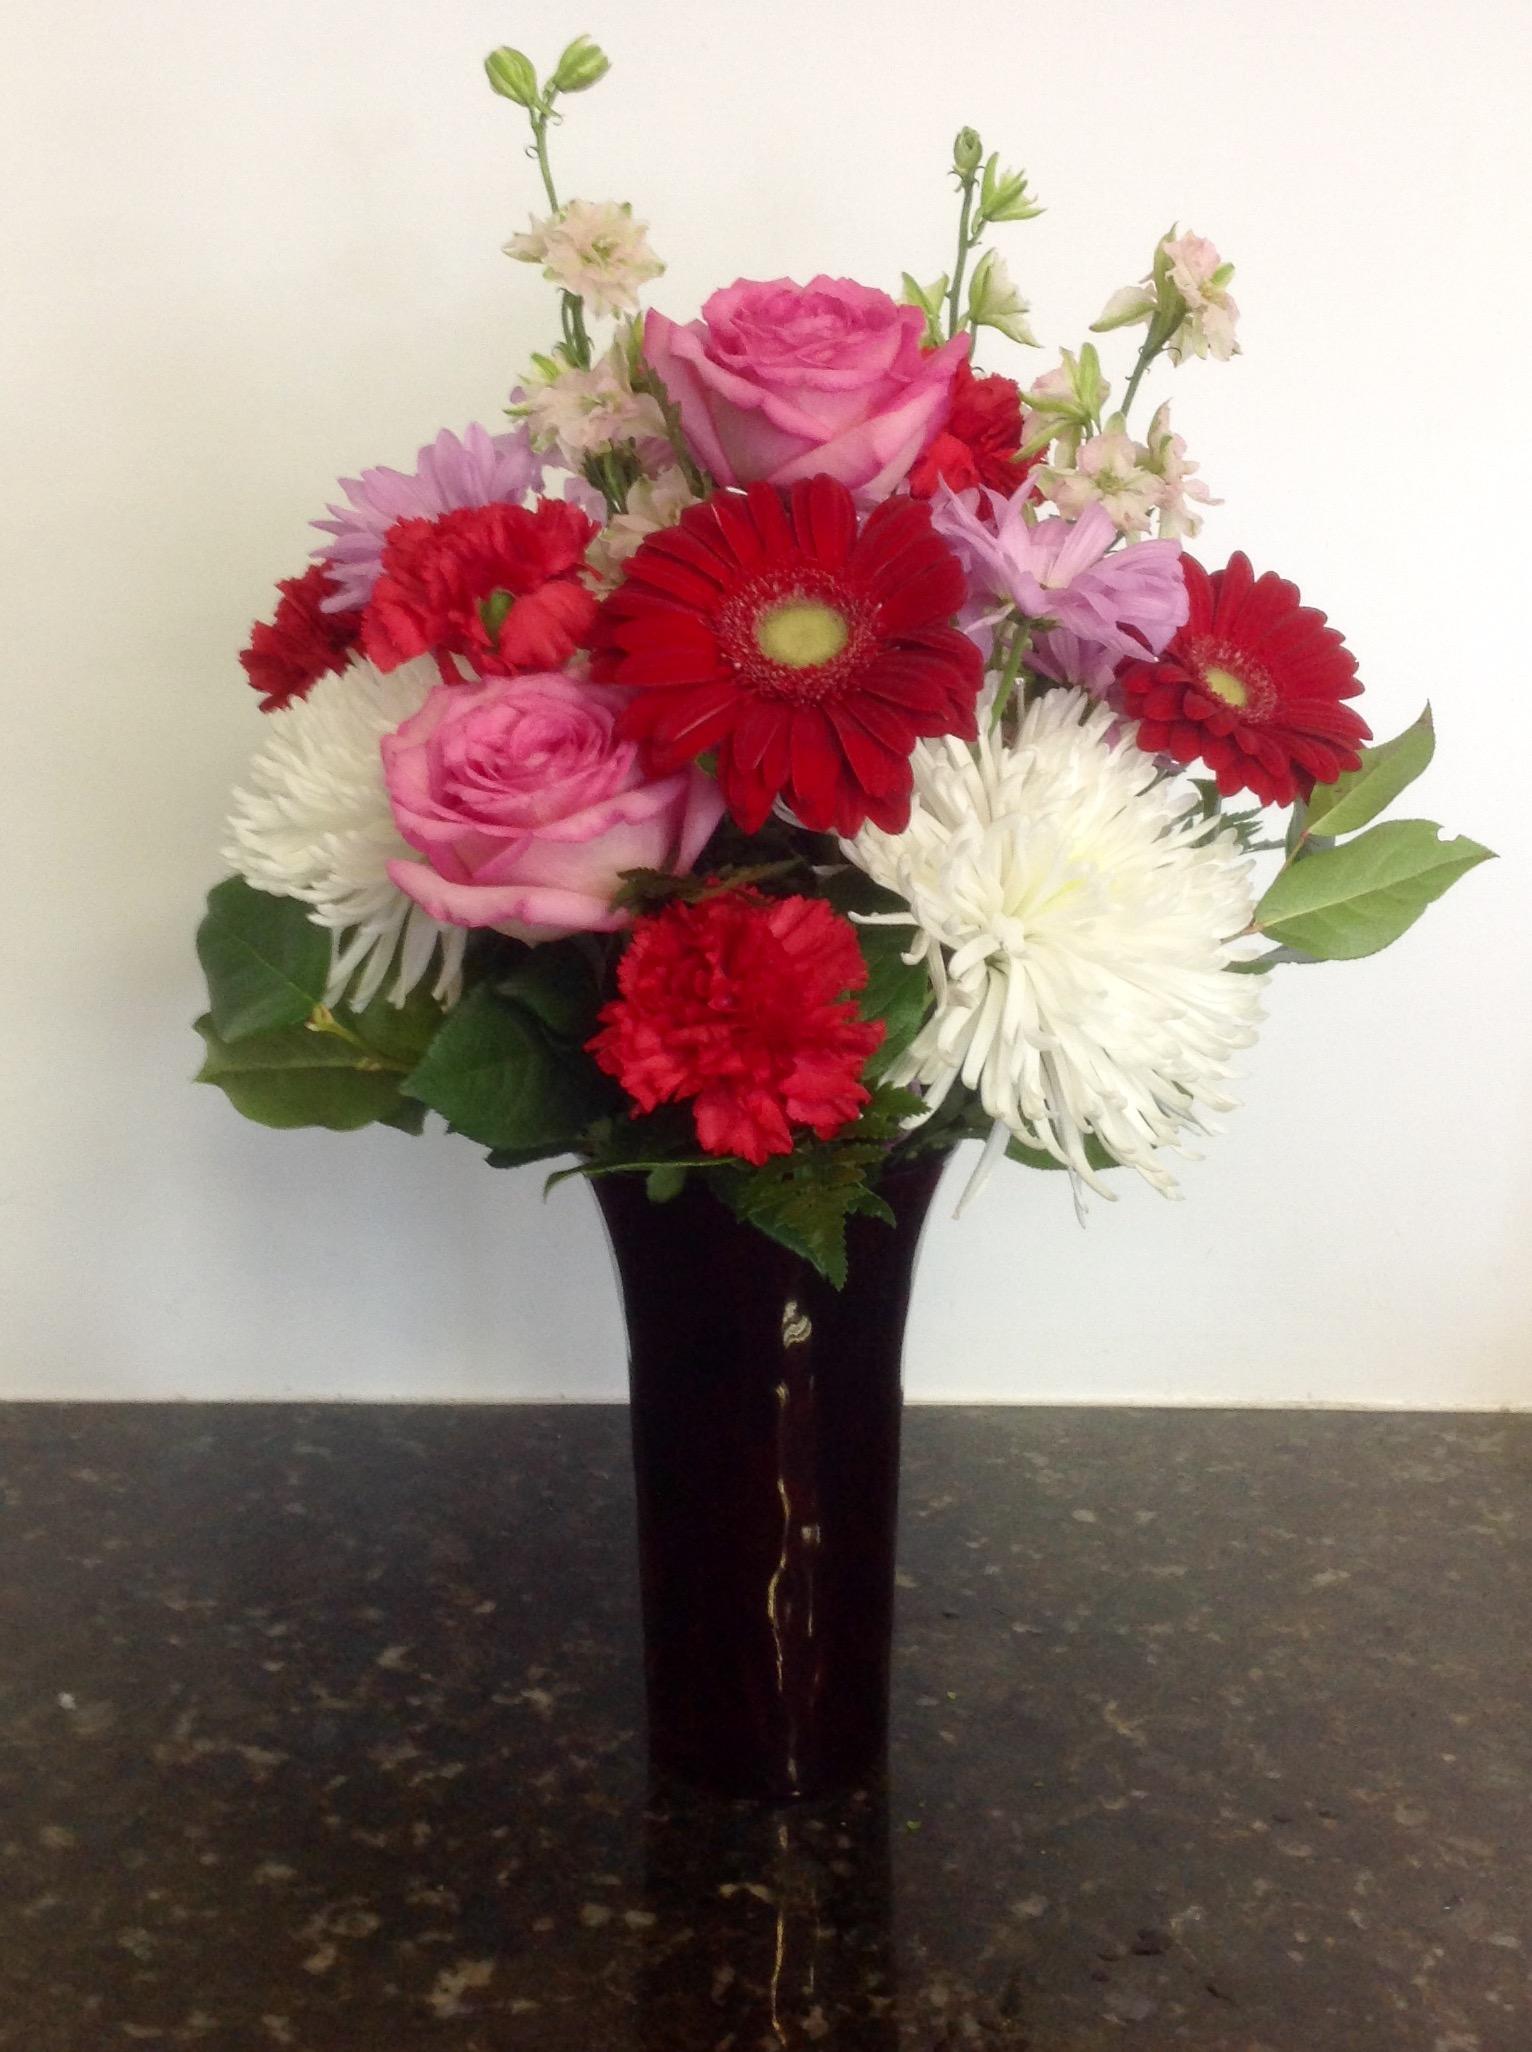 Be My Valentine Bouquet - Standard $55 • Premium (shown) $65 • Deluxe $75